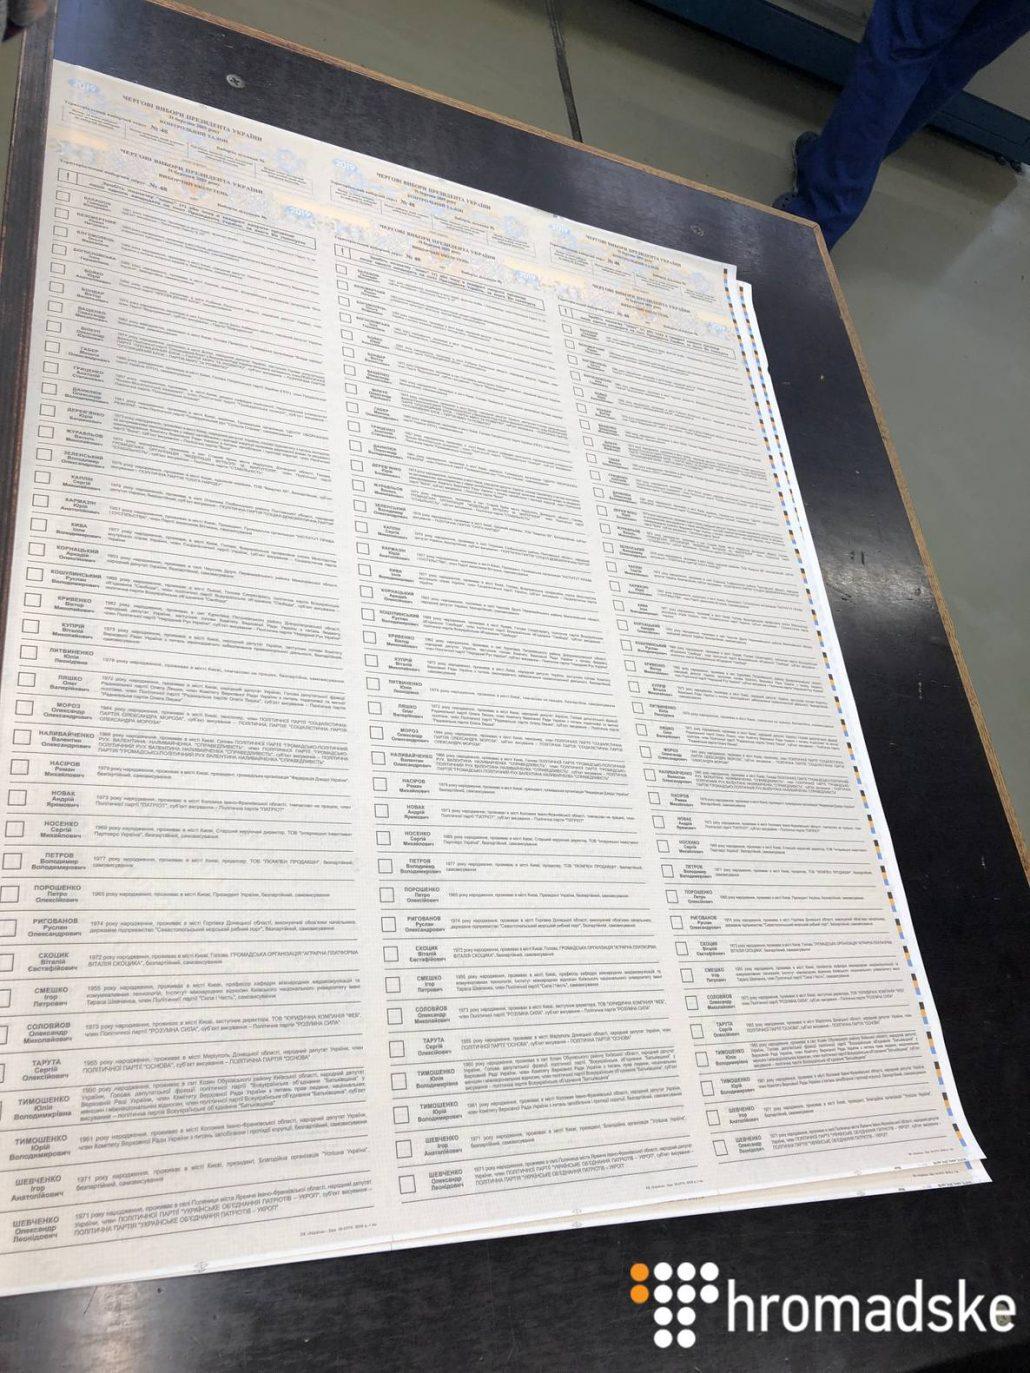 Без Купюр ЦВК представила метровий бюлетень для голосування в першому турі президентських виборів. ФОТО Вибори  Кіровоградщина вибори президента бюлетні